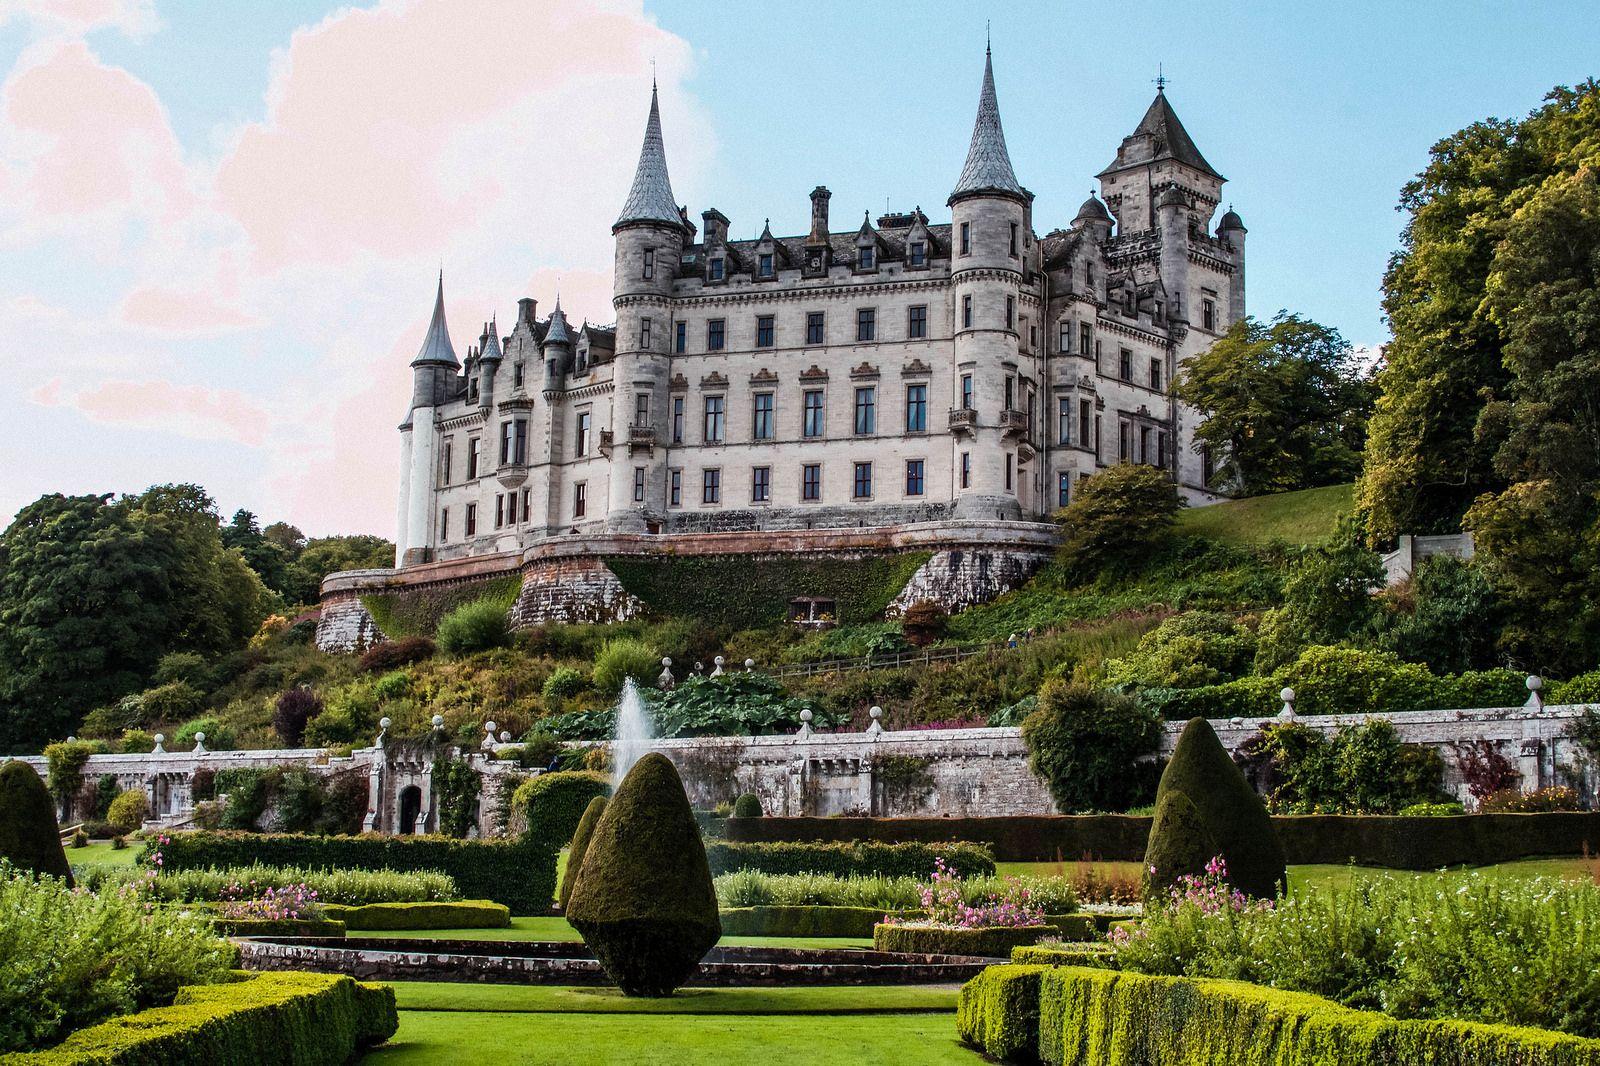 частности, дворцы замки мира с описанием и фото регулирования количества